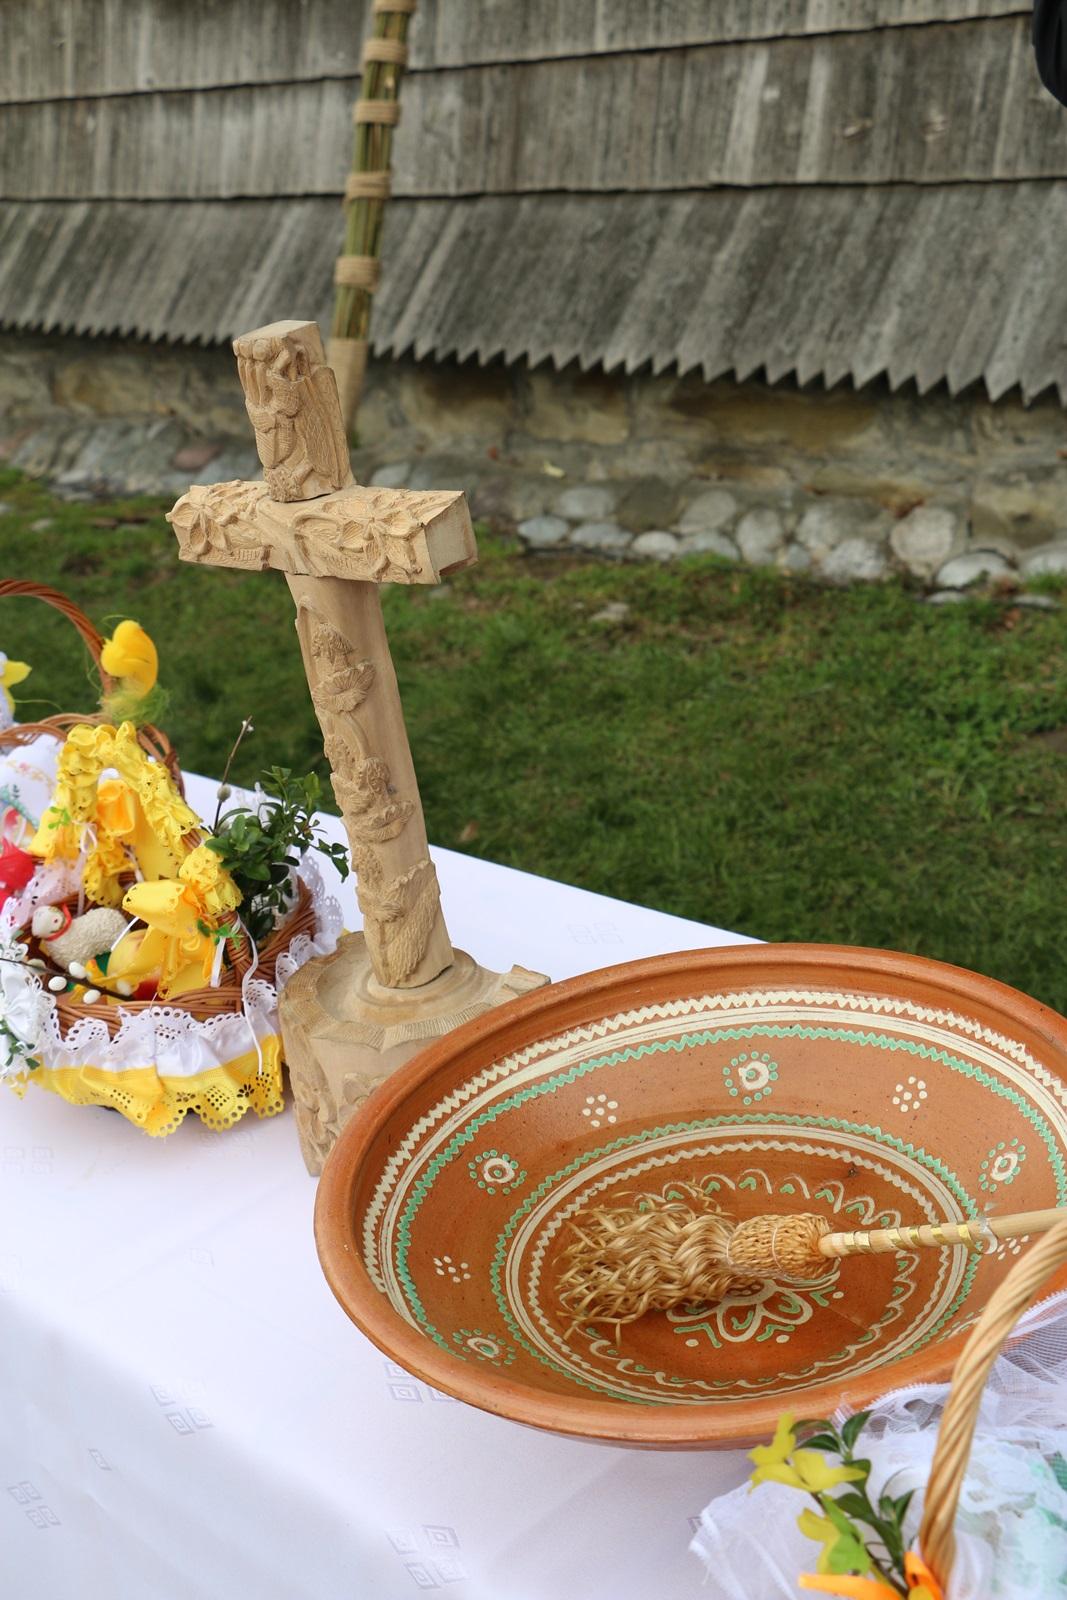 Więcej o: Wielka Sobota w Muzeum, czyli tradycyjne święcenie pokarmów